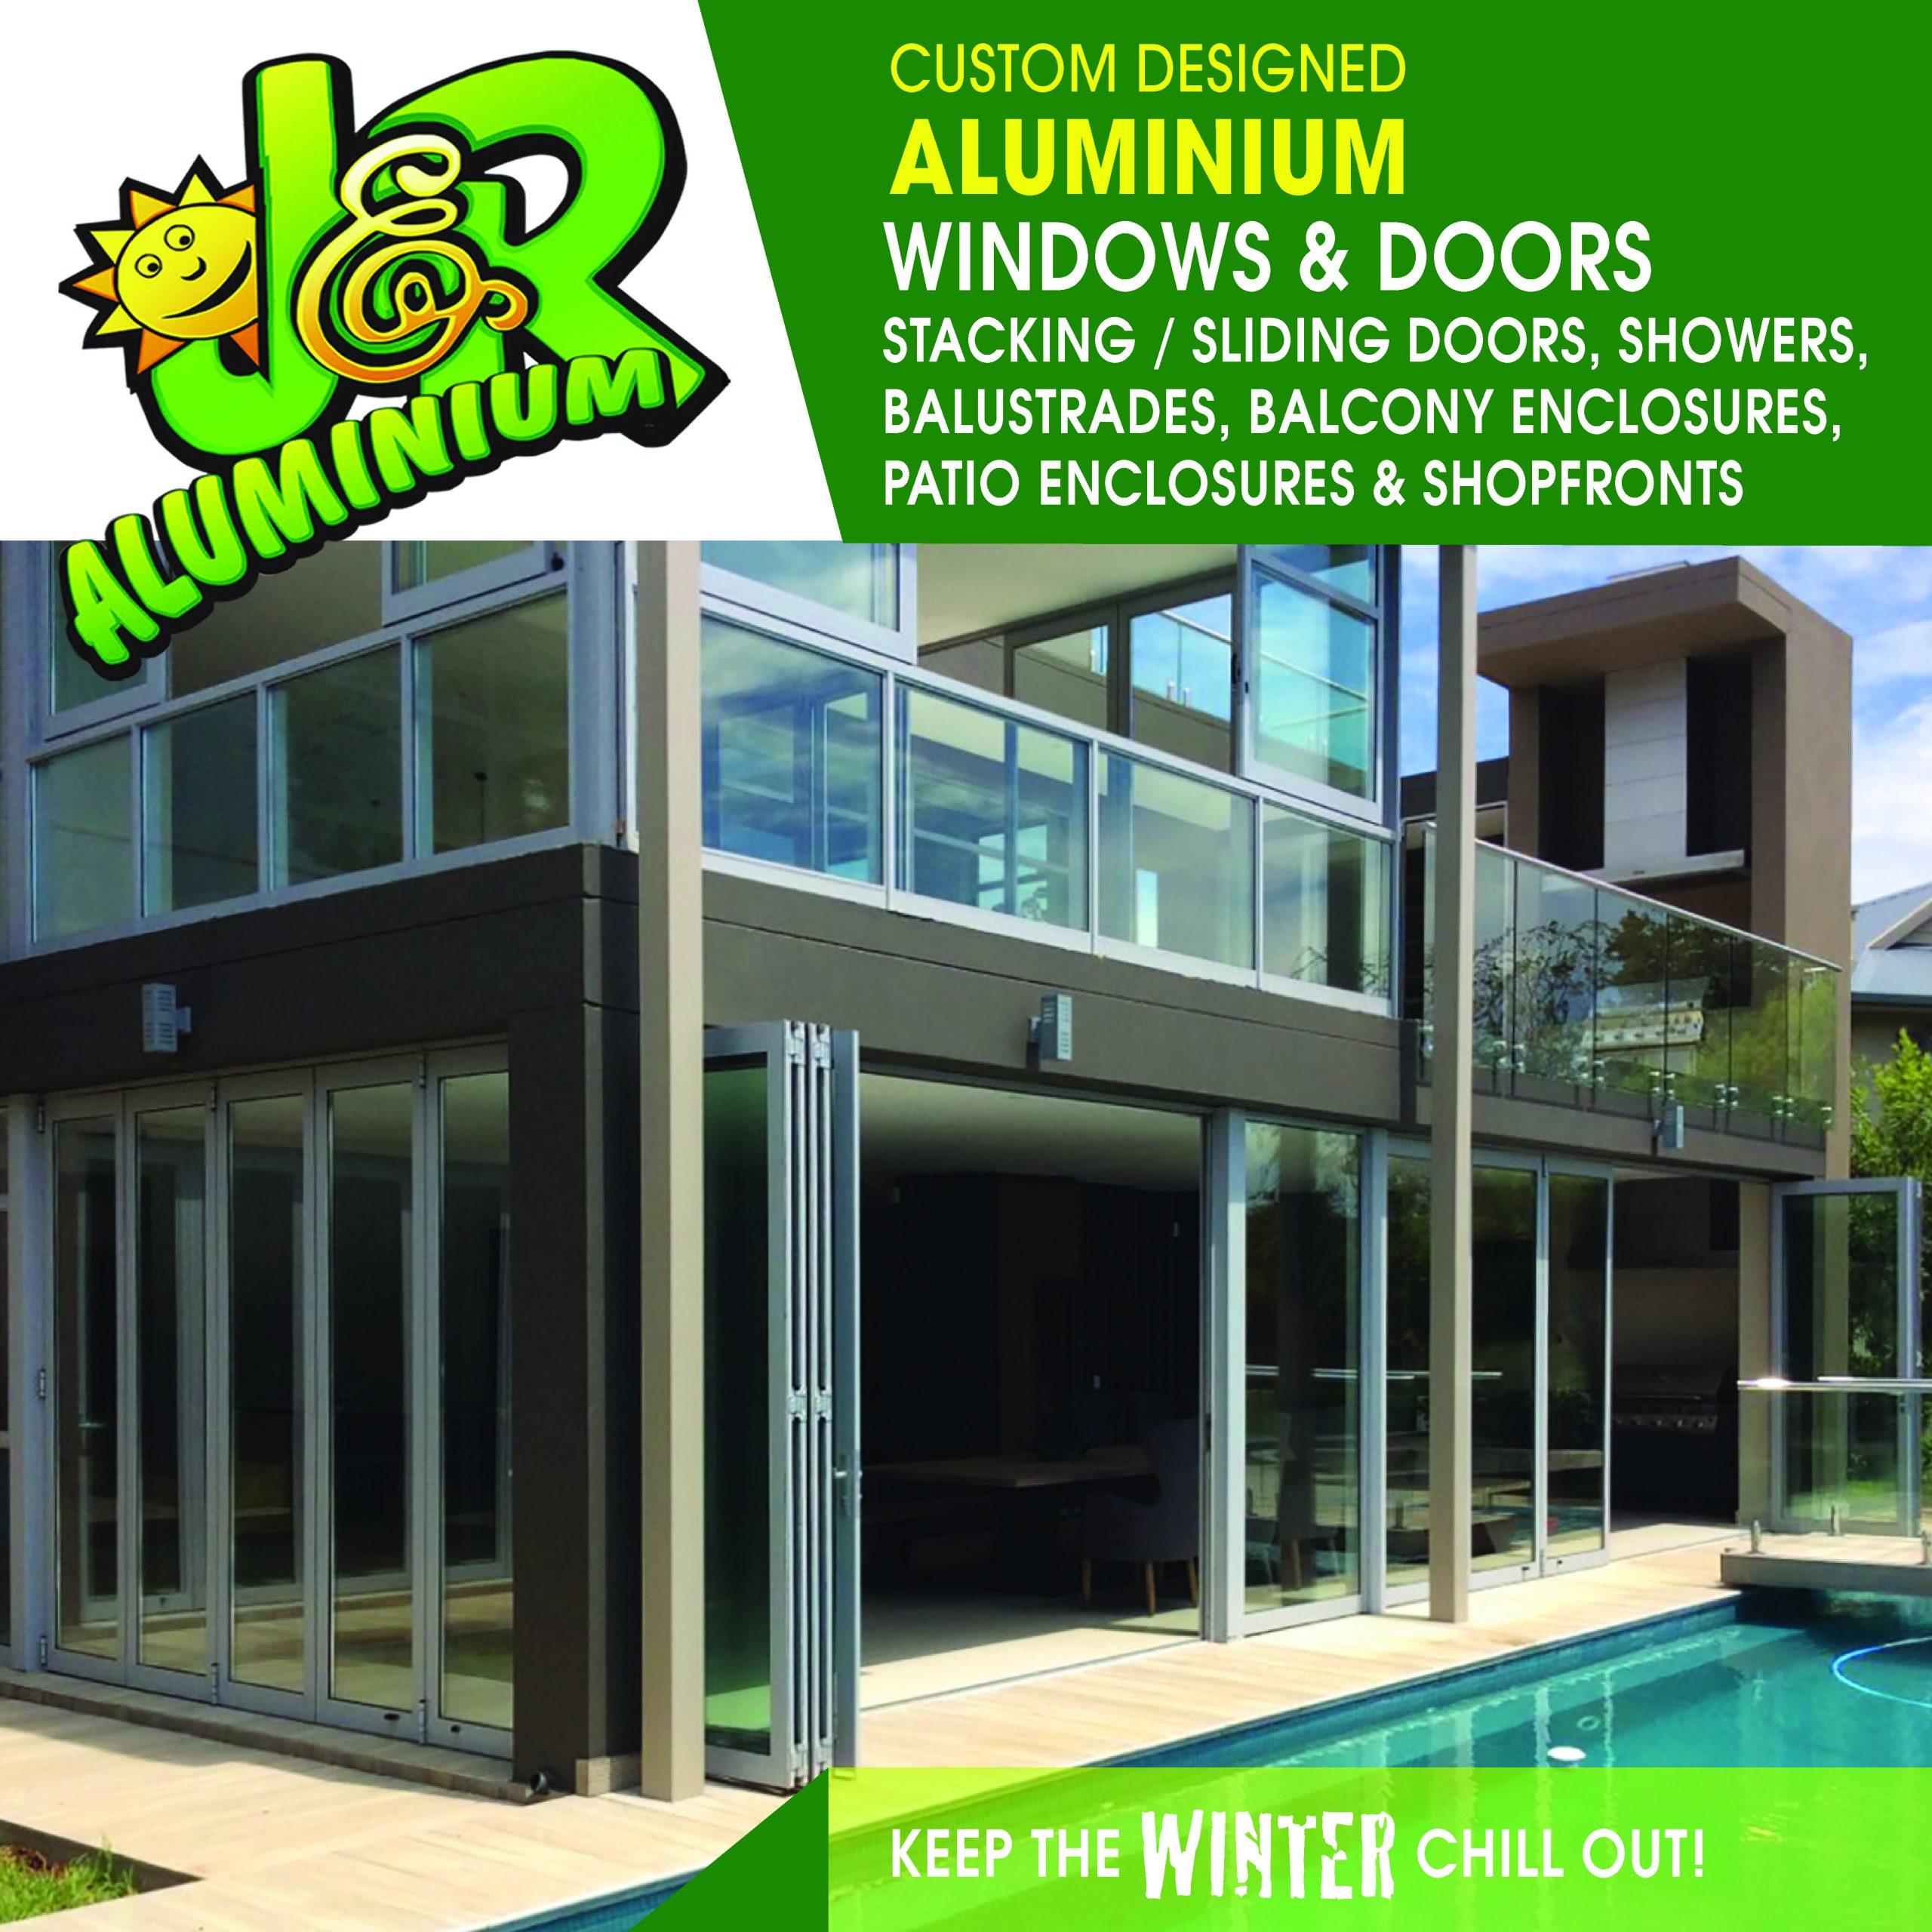 JR Aluminium Windows and Doors